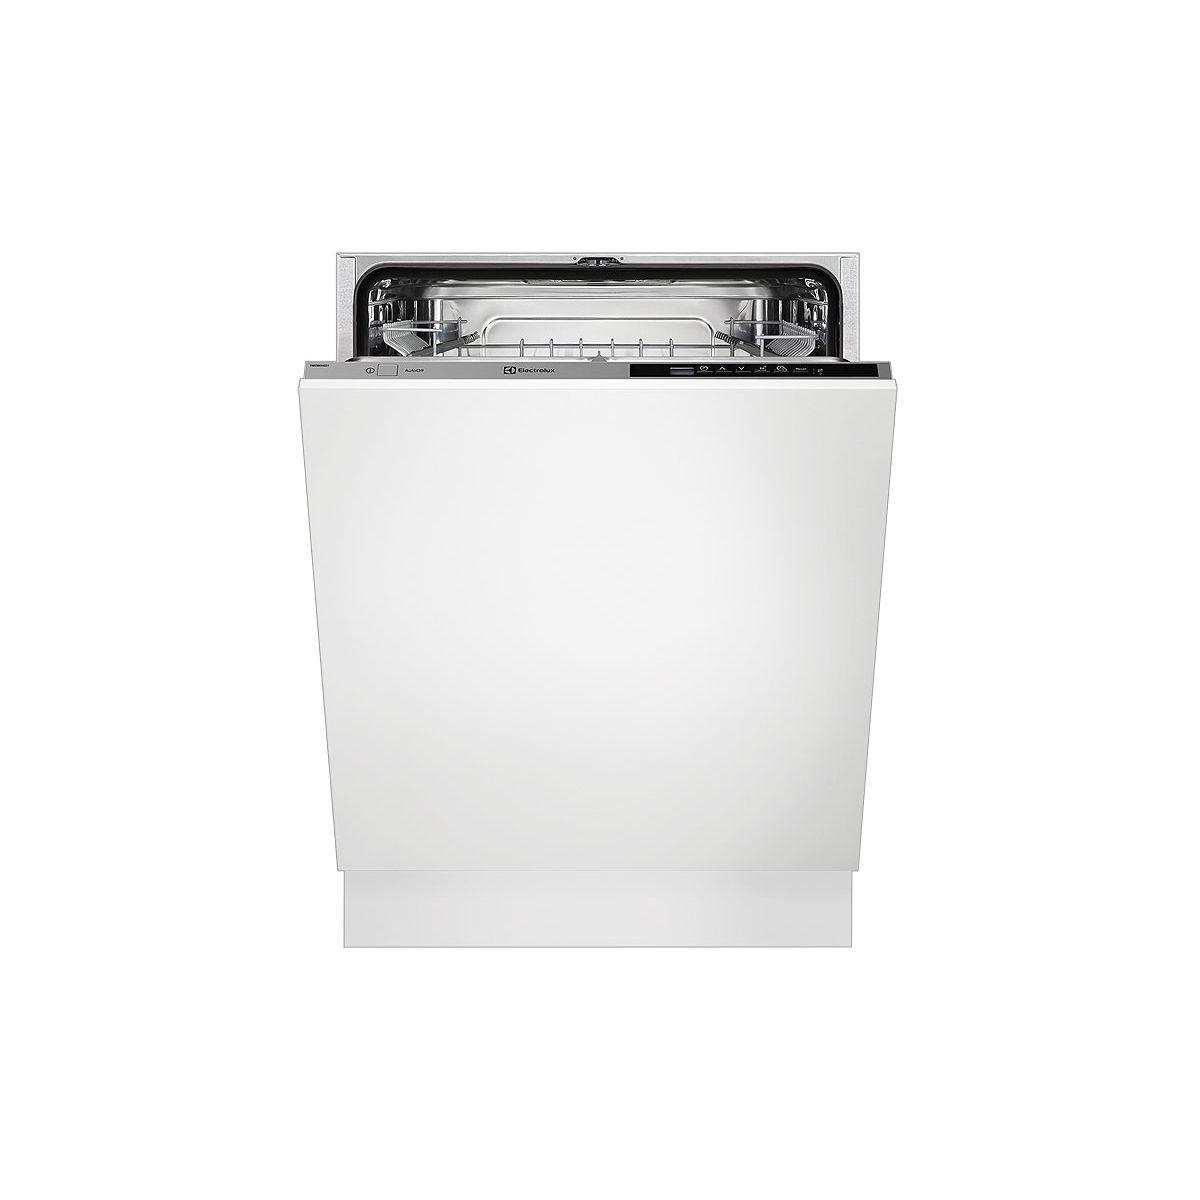 Lave vaisselle encastrable electrolux esl5361lb - livraison offerte : code liv